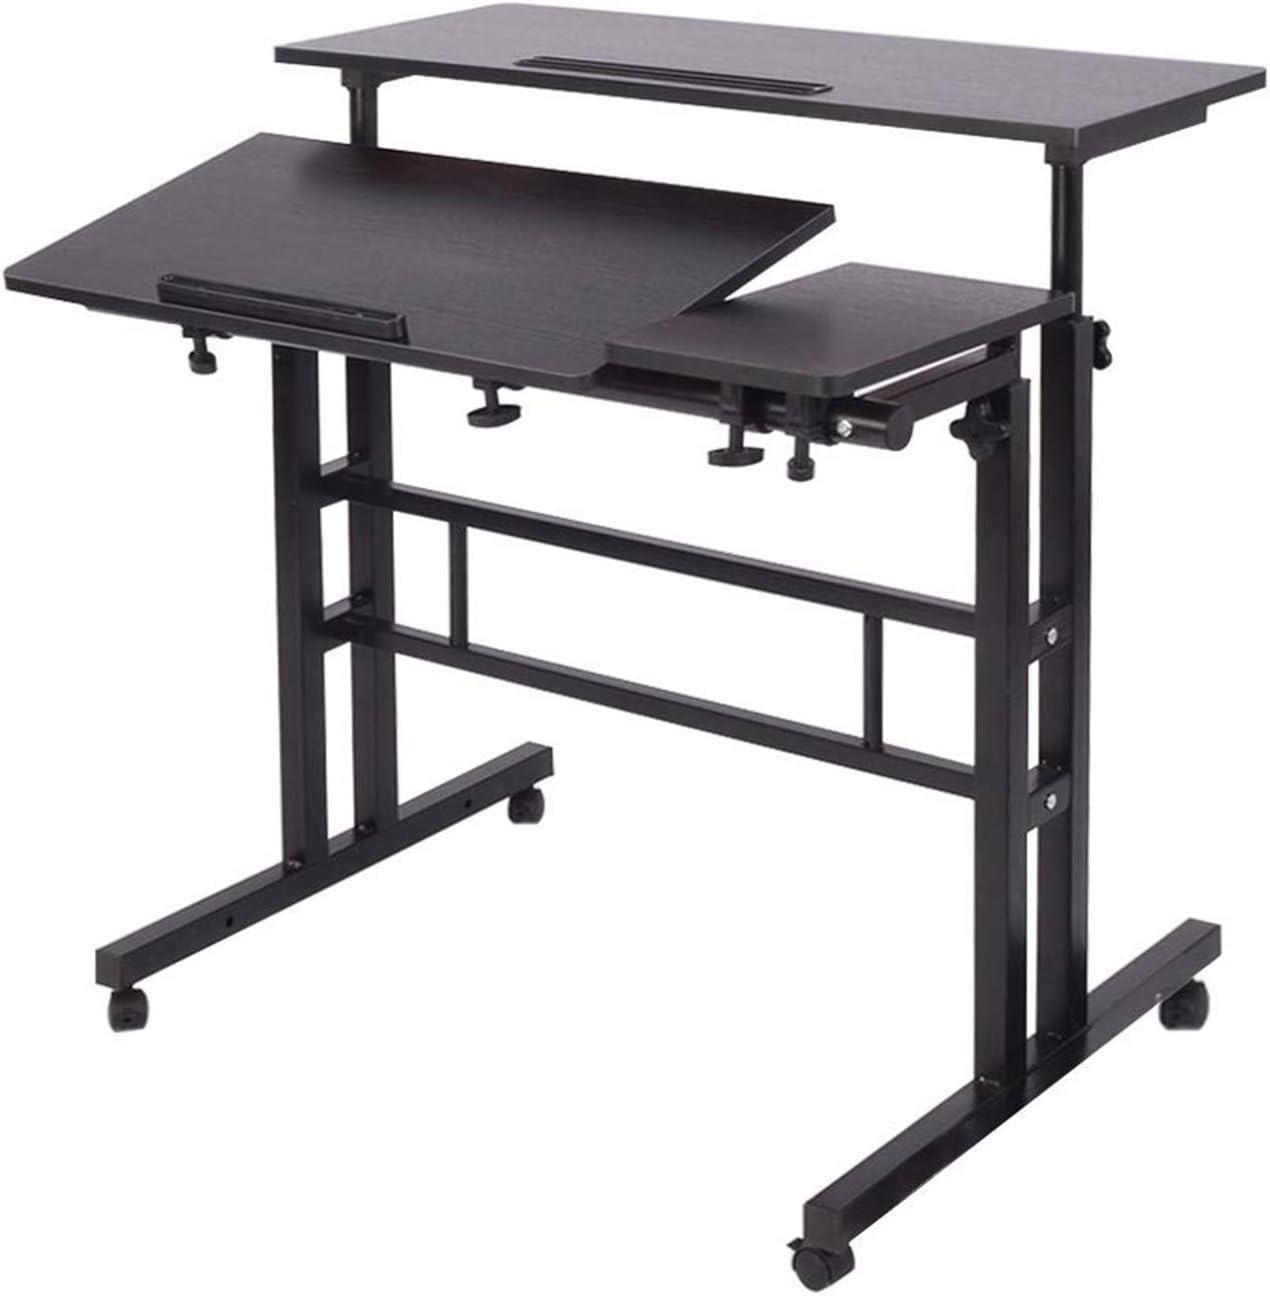 Panghuhu88 Mobile Standing Desk Adjustable Height Stand Up Desk Mobile Rolling Desk Height Adjustable Computer Desk for Home Office (Black)